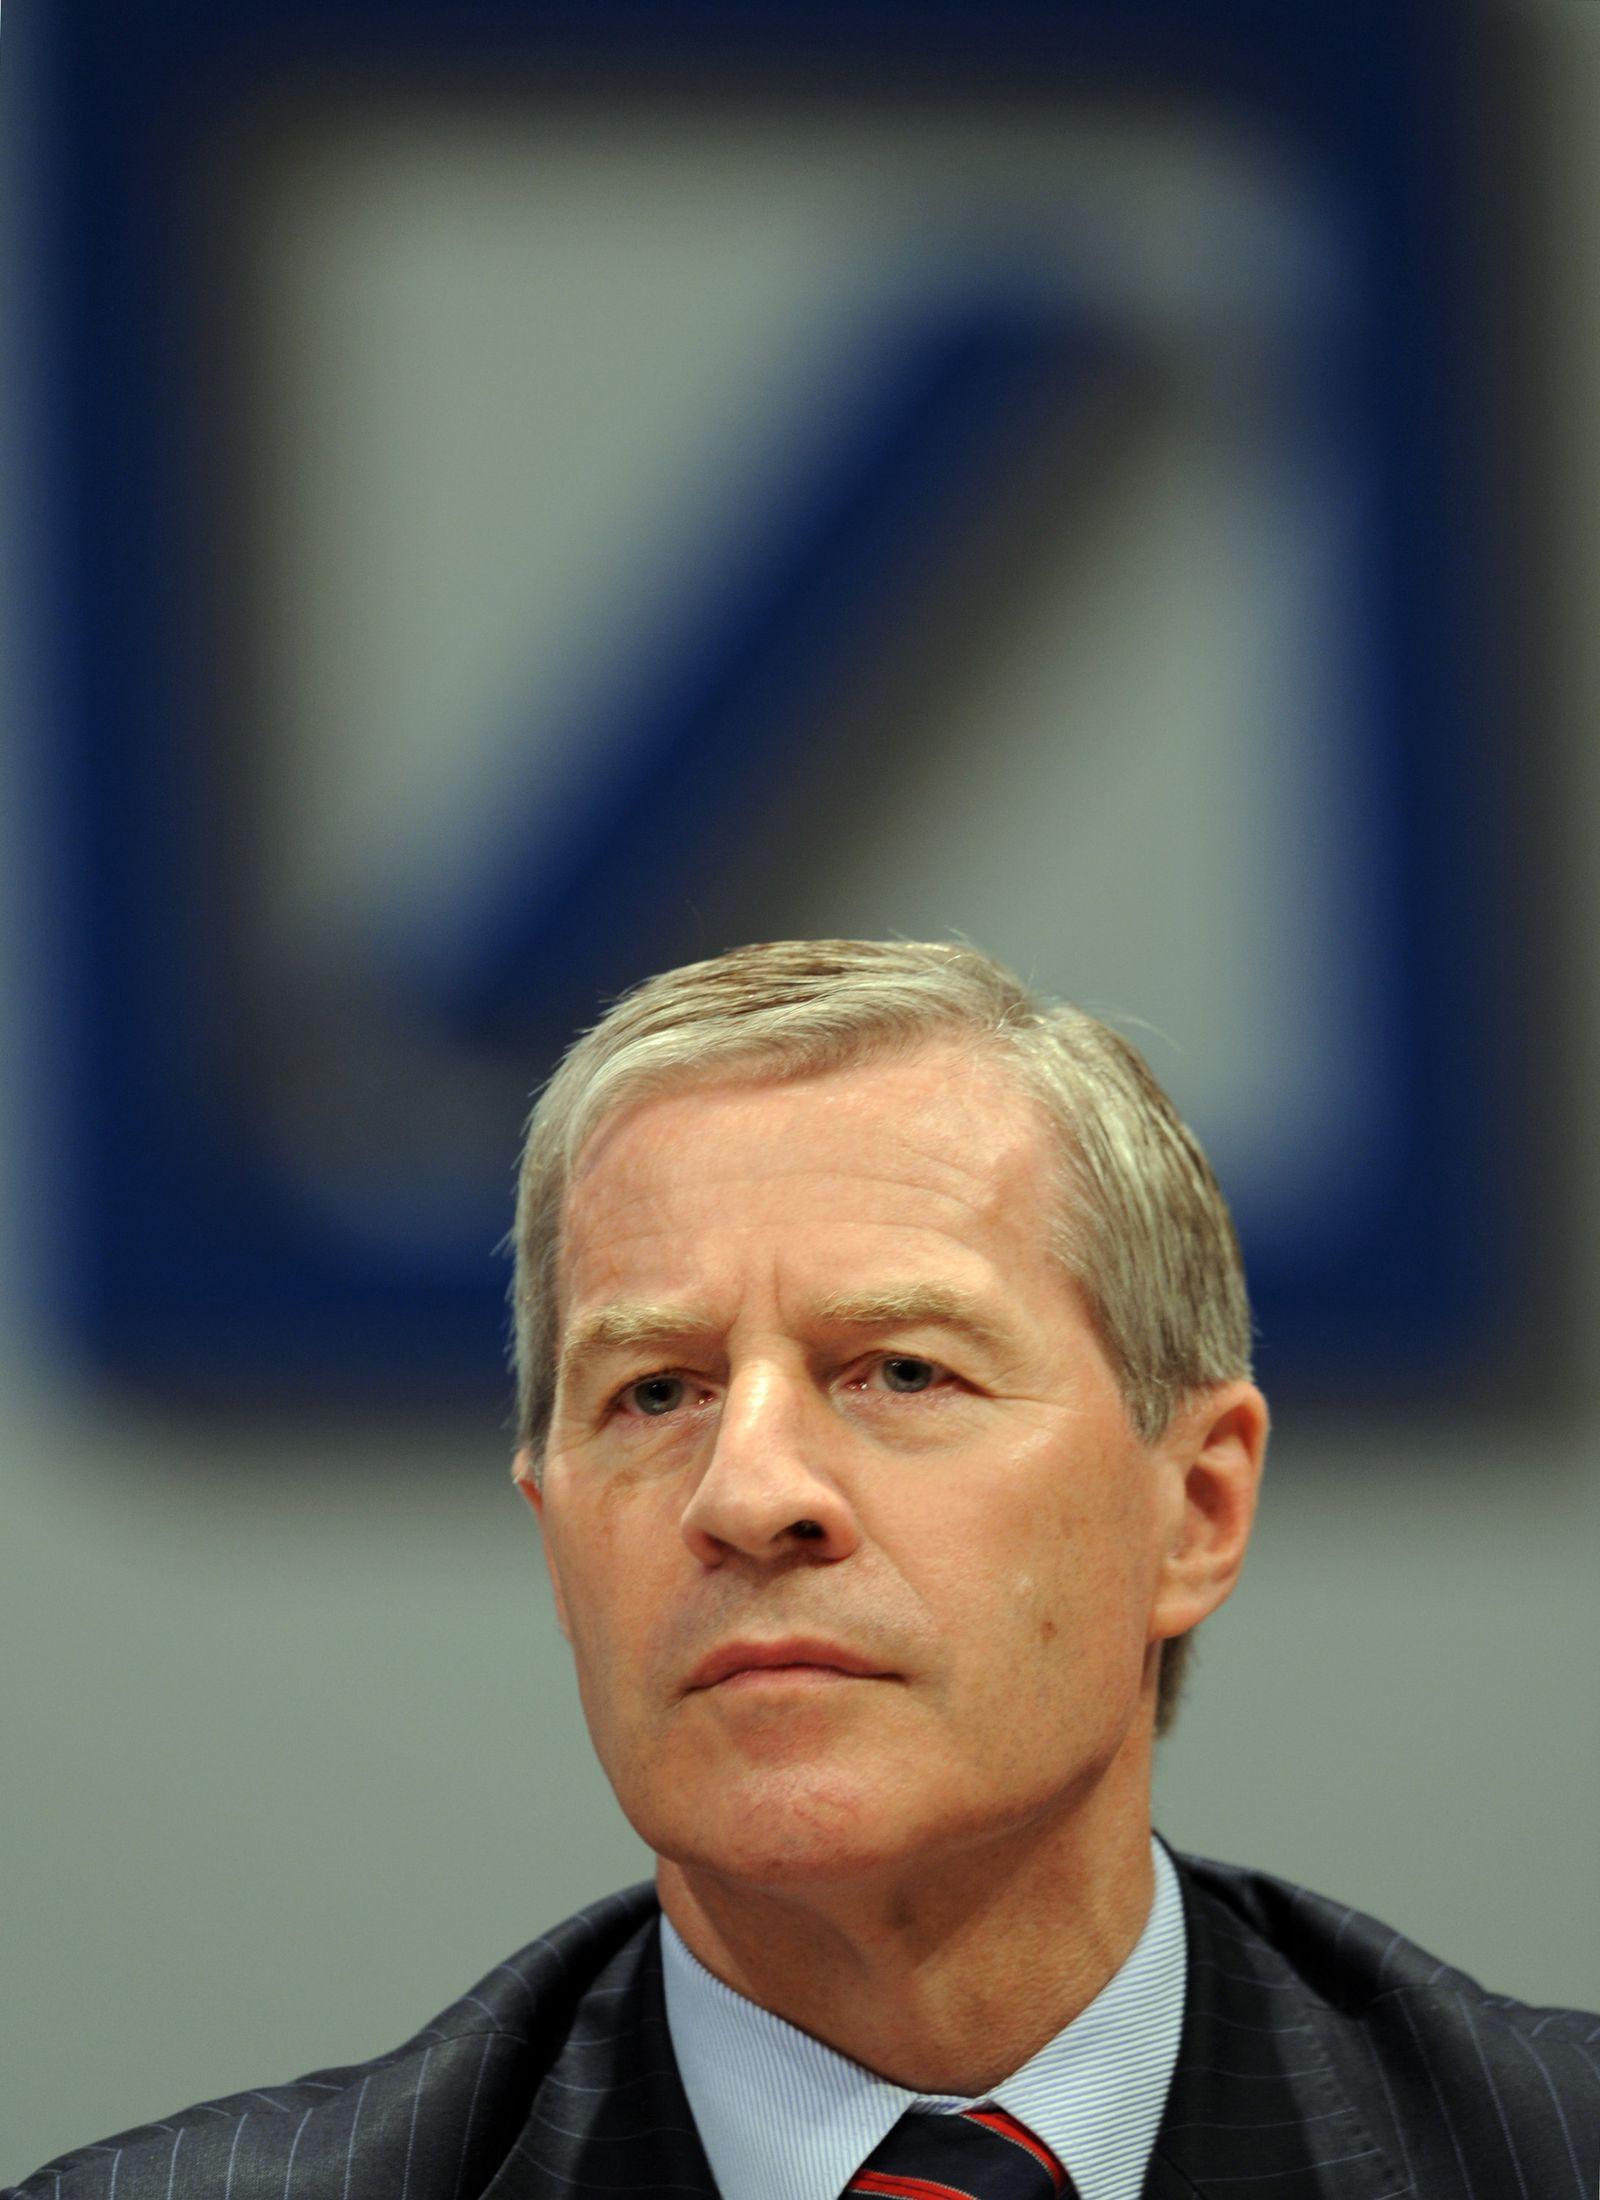 Jürgen Fitschen / Image